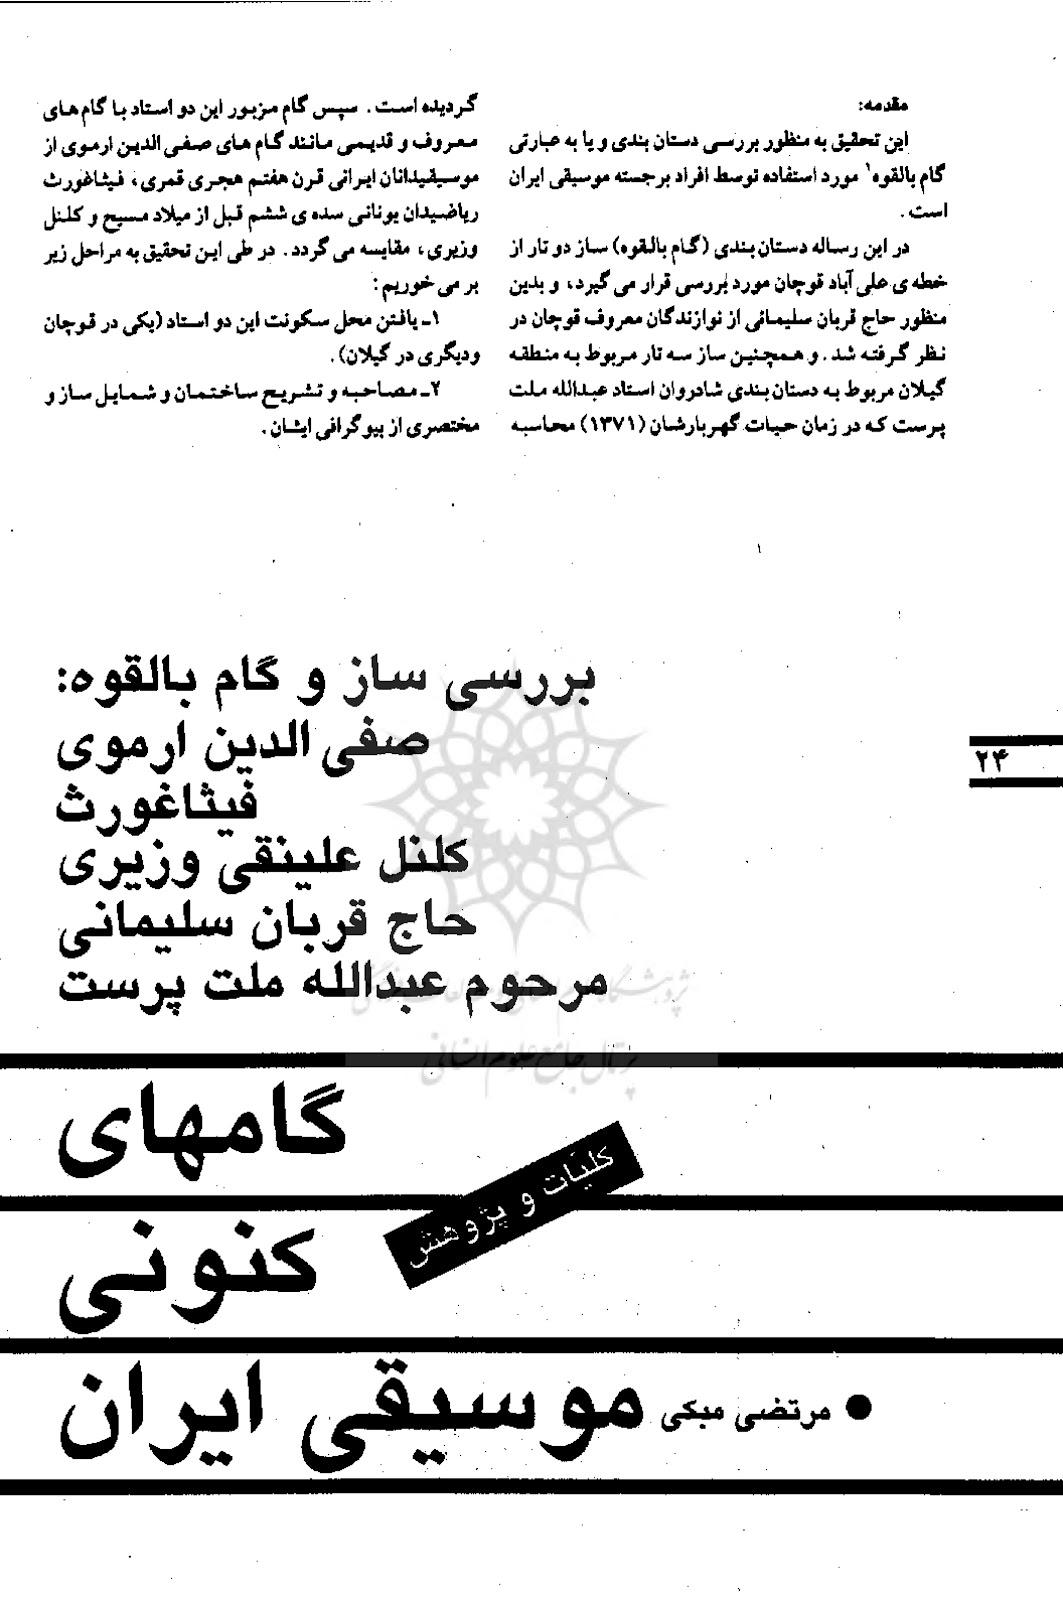 دانلود پیدیاف مقالهی گامهای کنونی موسیقی ایران مرتضی مبکی